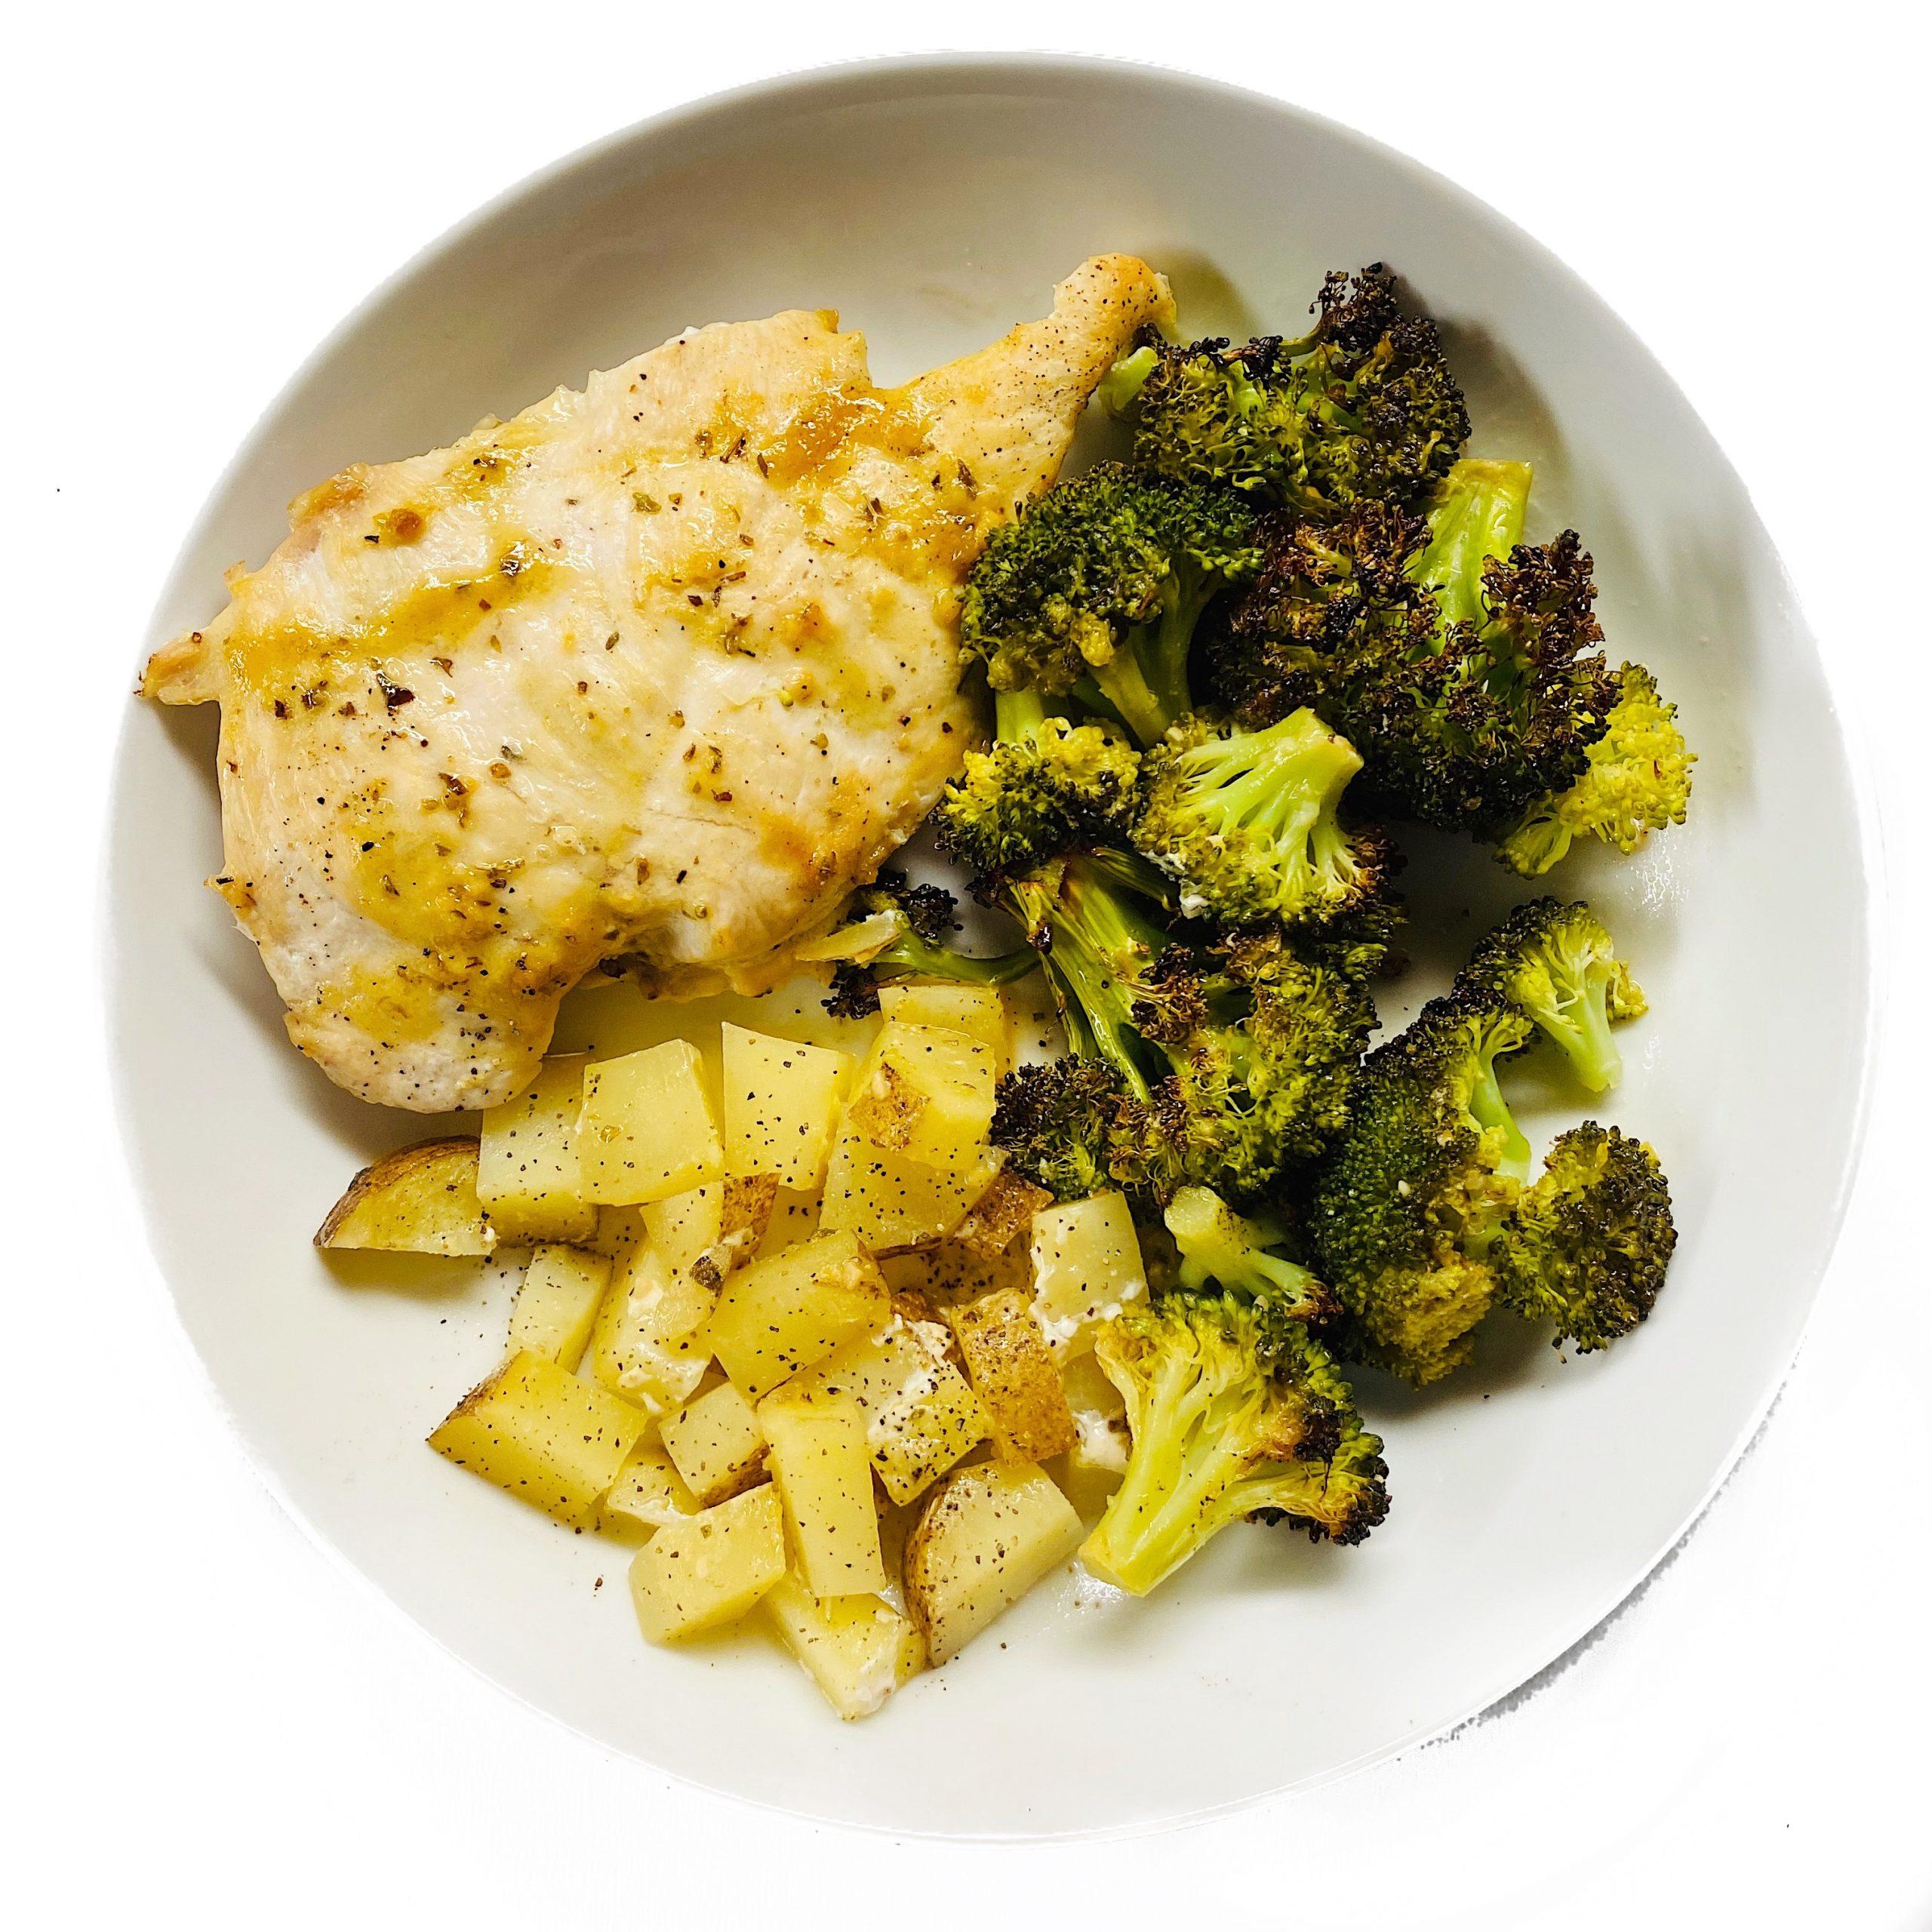 Honey Dijon Chicken and veggies